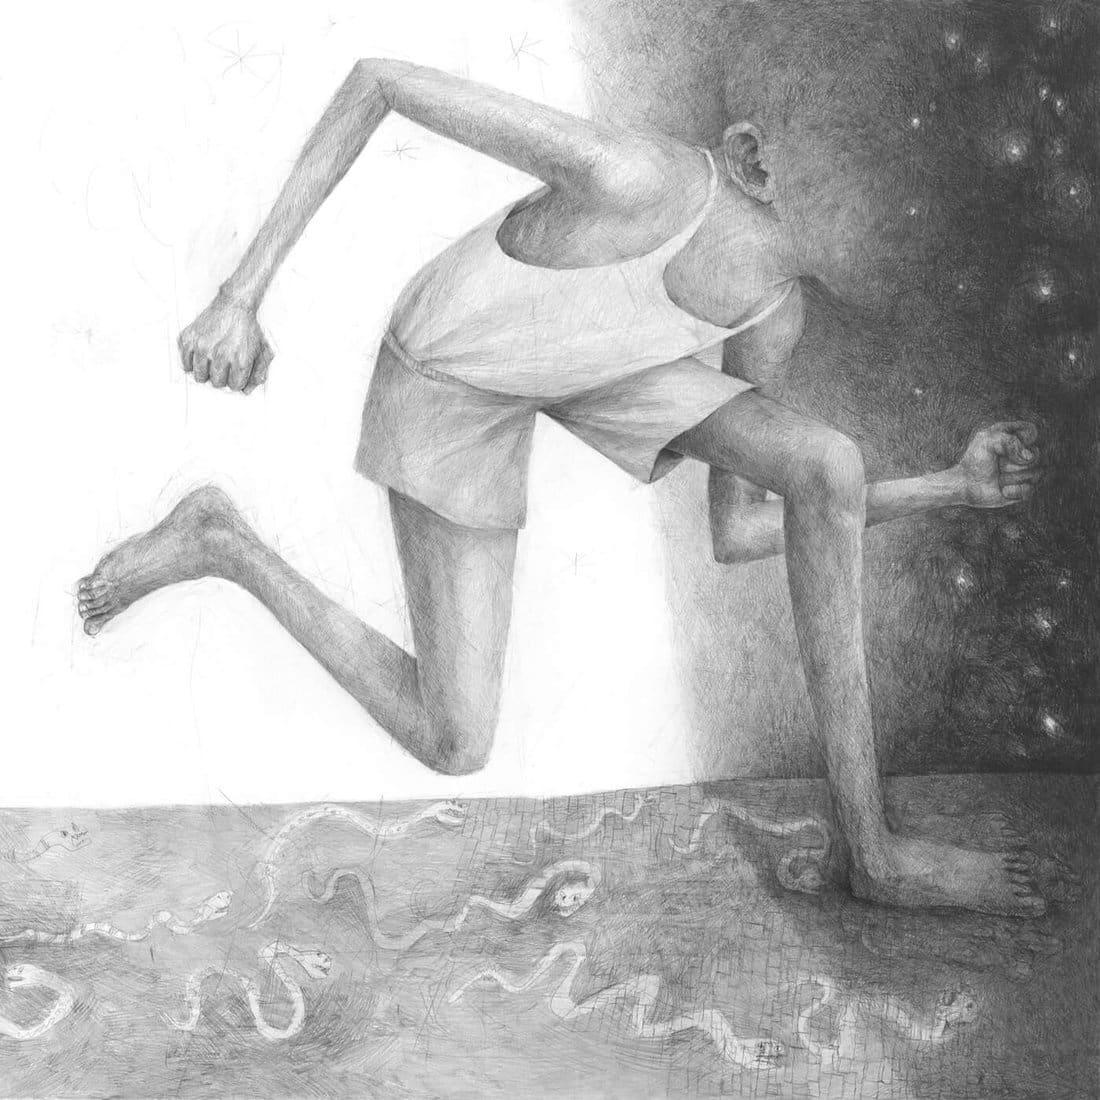 zsaitsits ilustracion lapiz arte